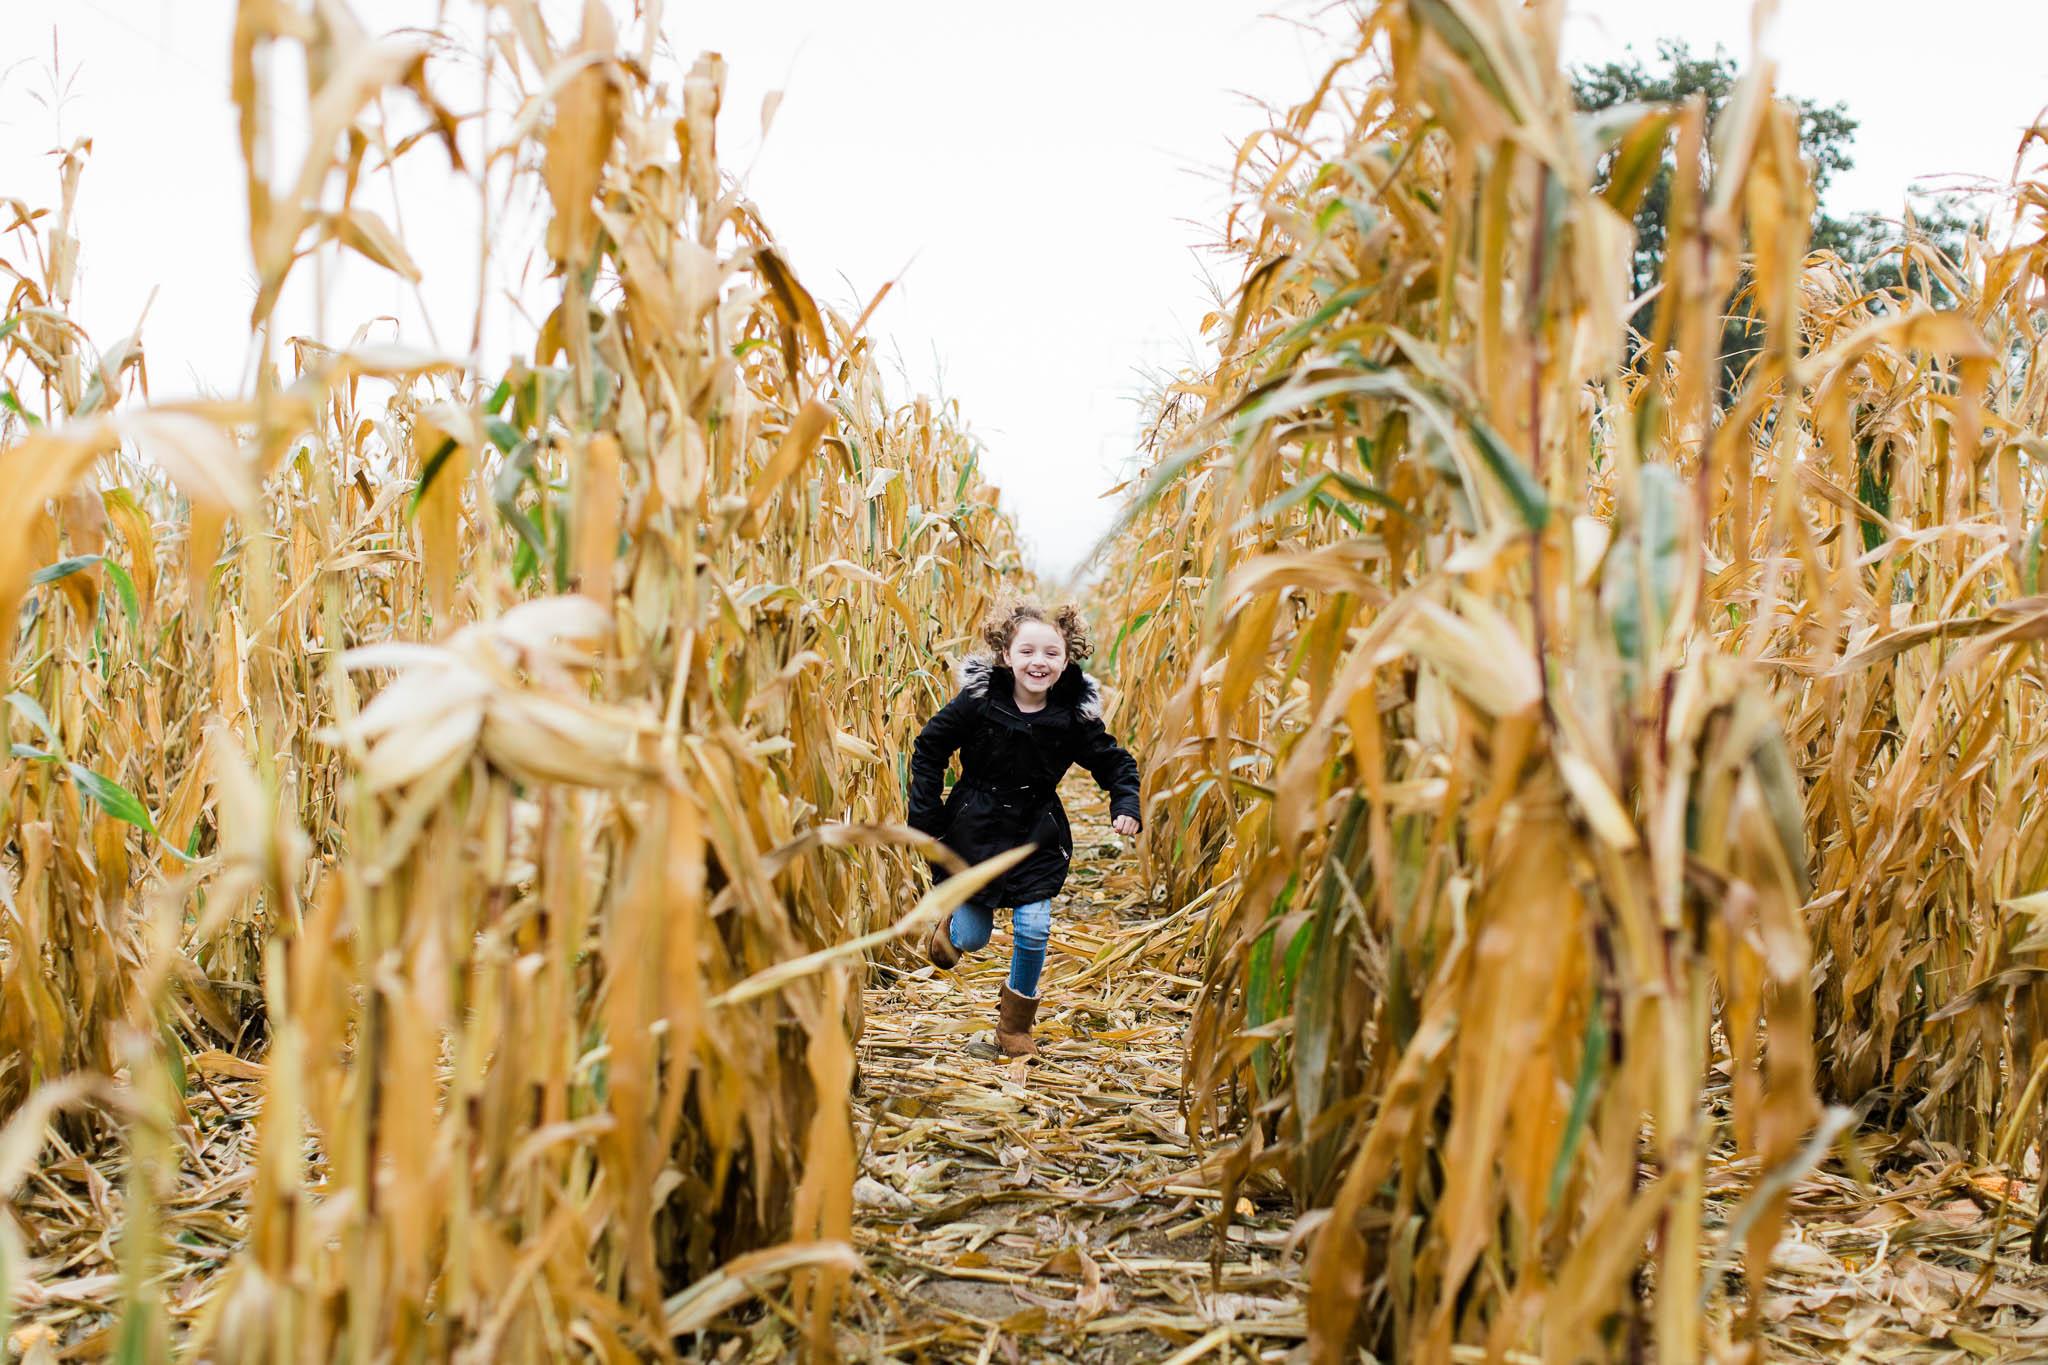 girl running through cornfield